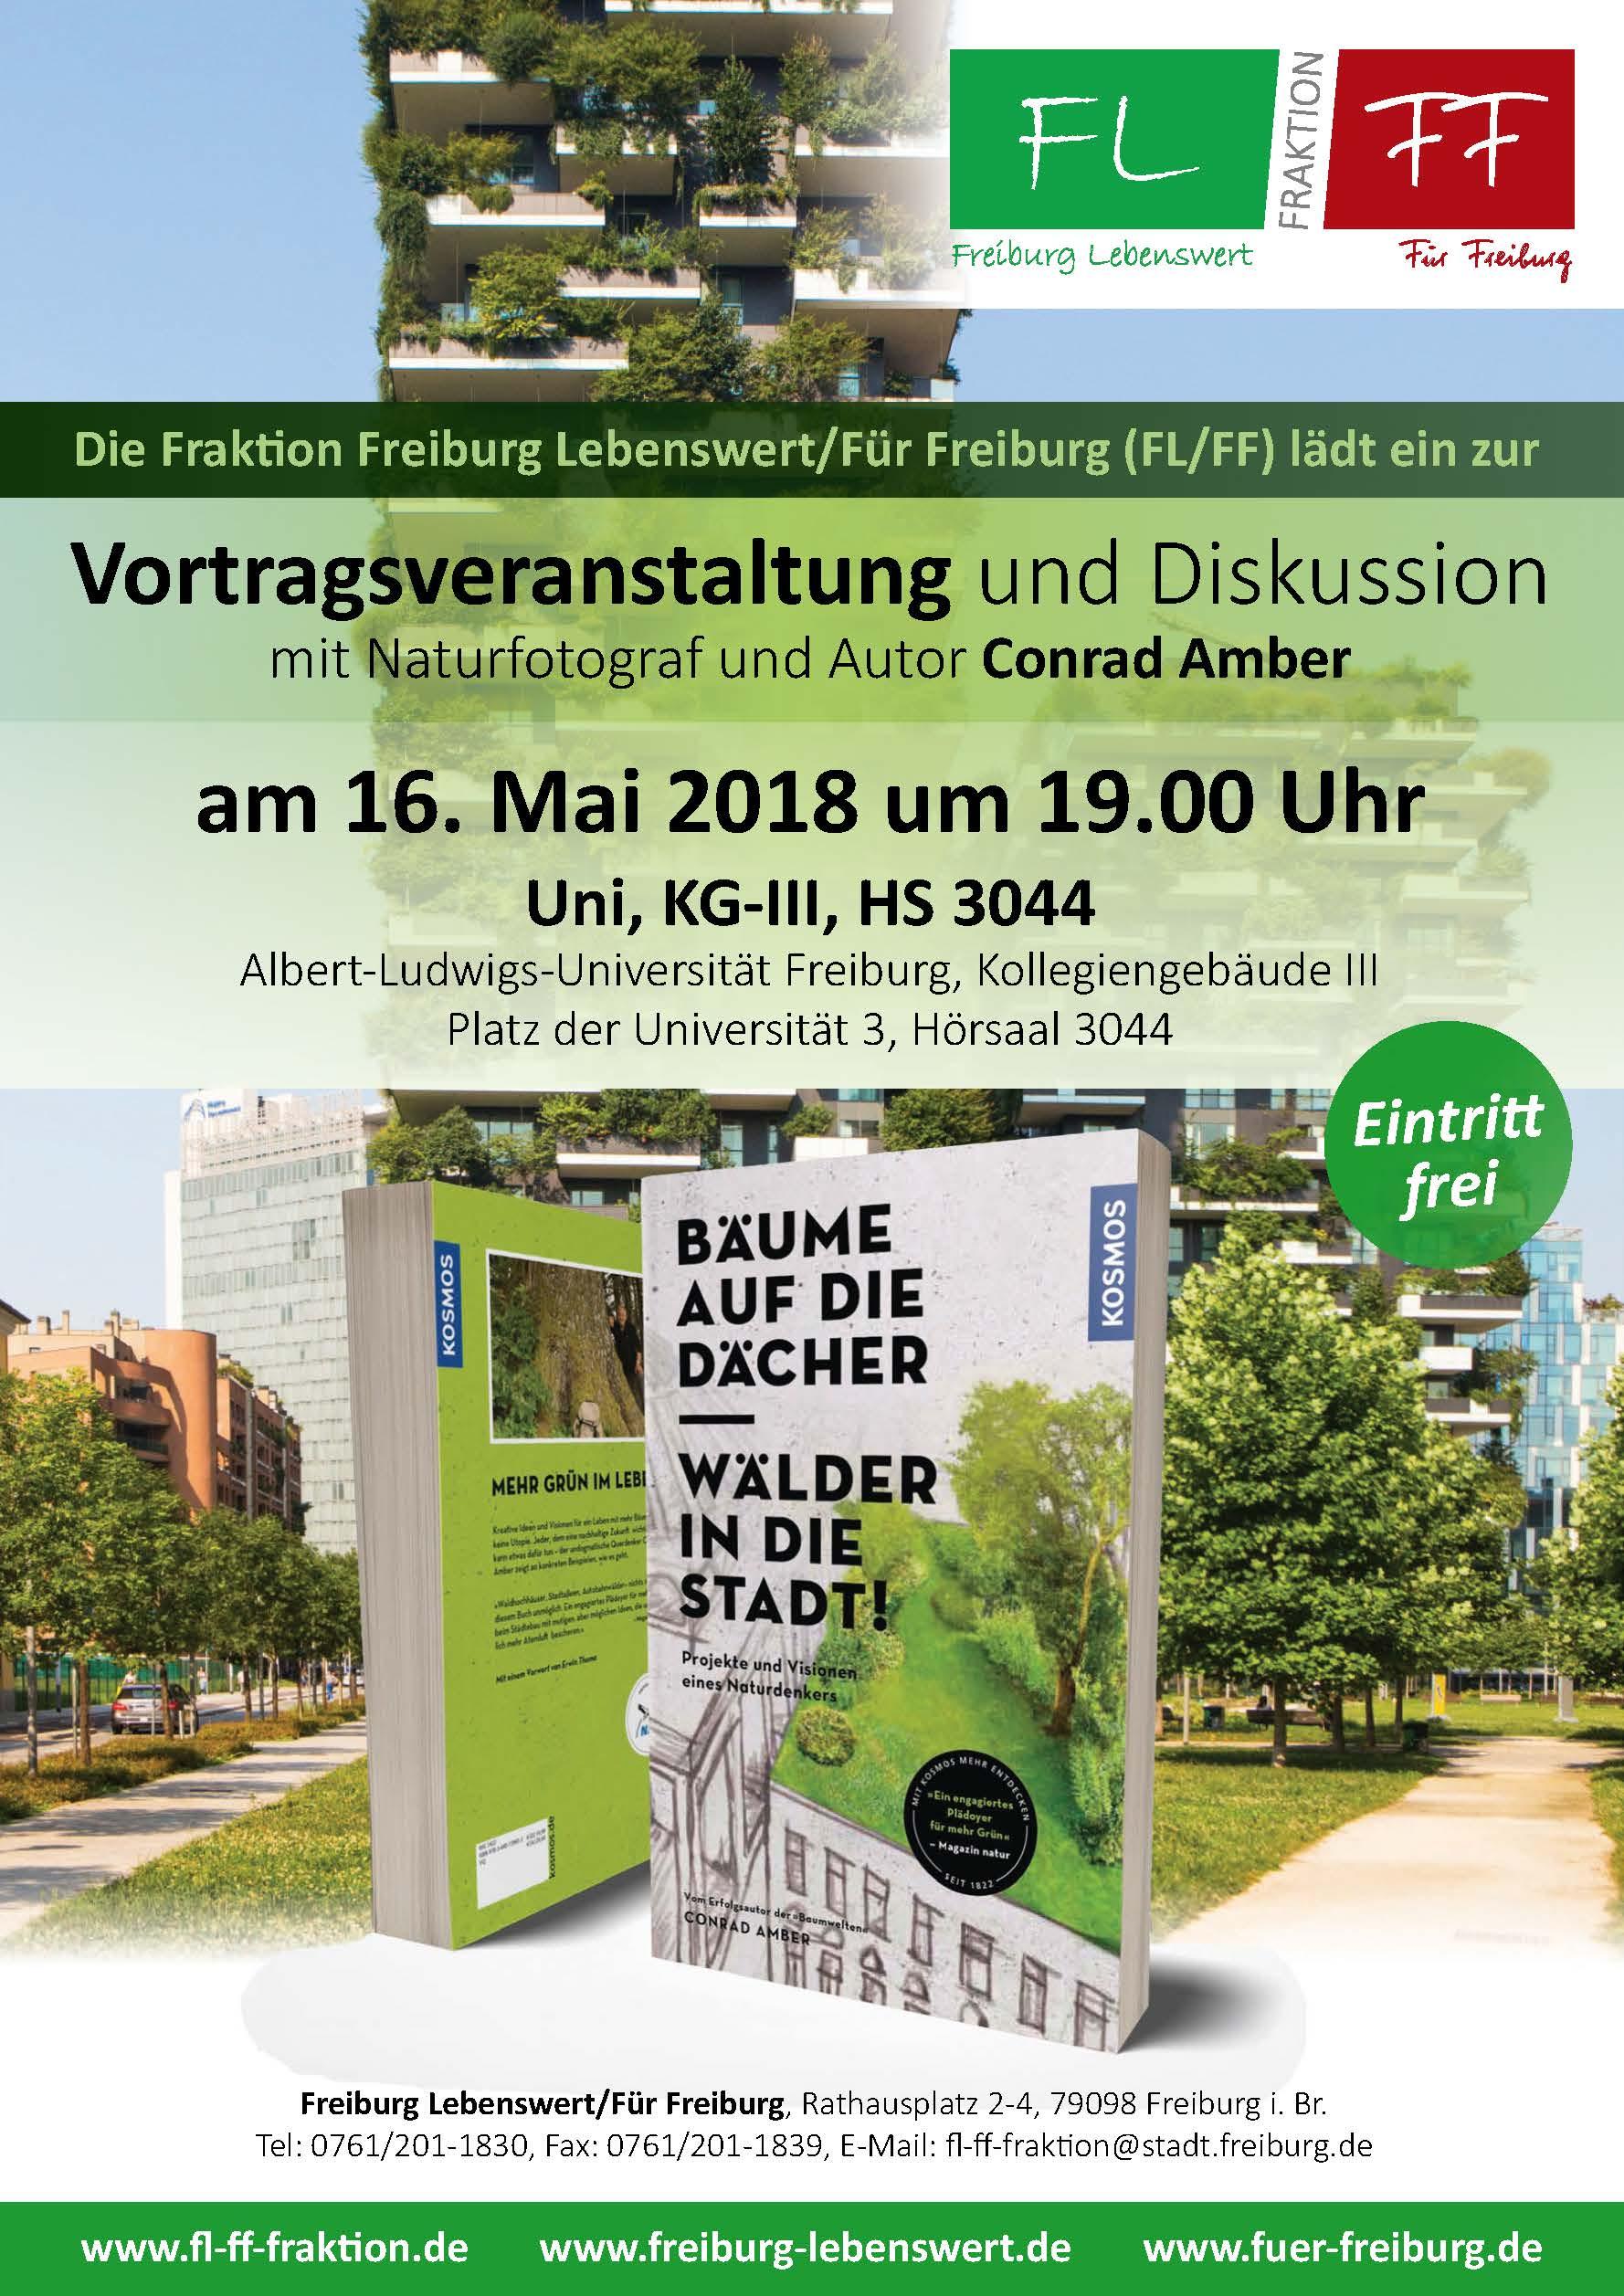 Kategorie: Veranstaltungen - Freiburg Lebenswert